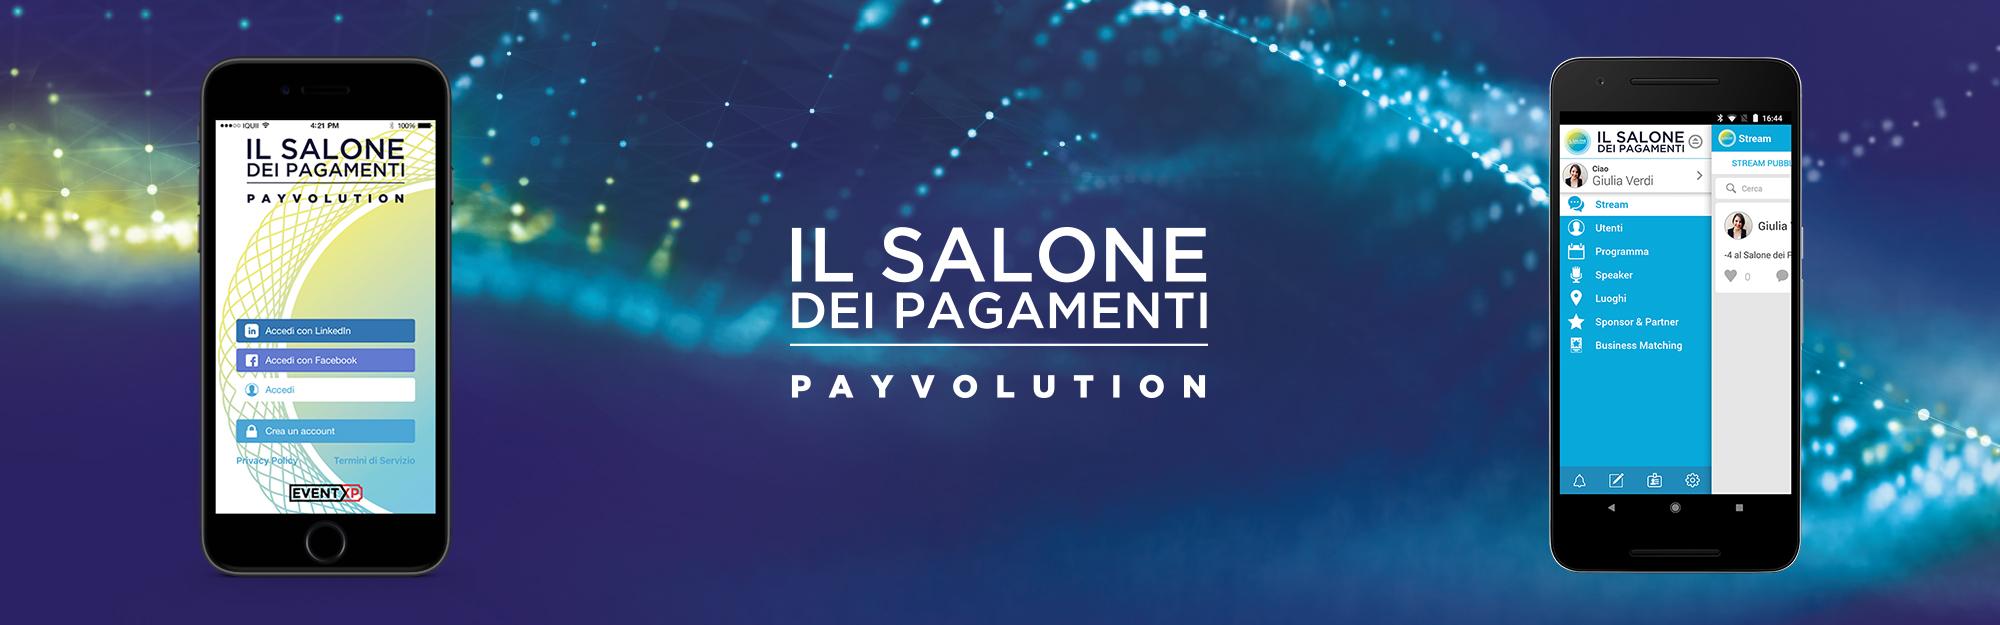 """IQUII rivoluziona l'esperienza evento de """"Il Salone dei Pagamenti"""" con EventXP: il salone da vivere in un'app"""